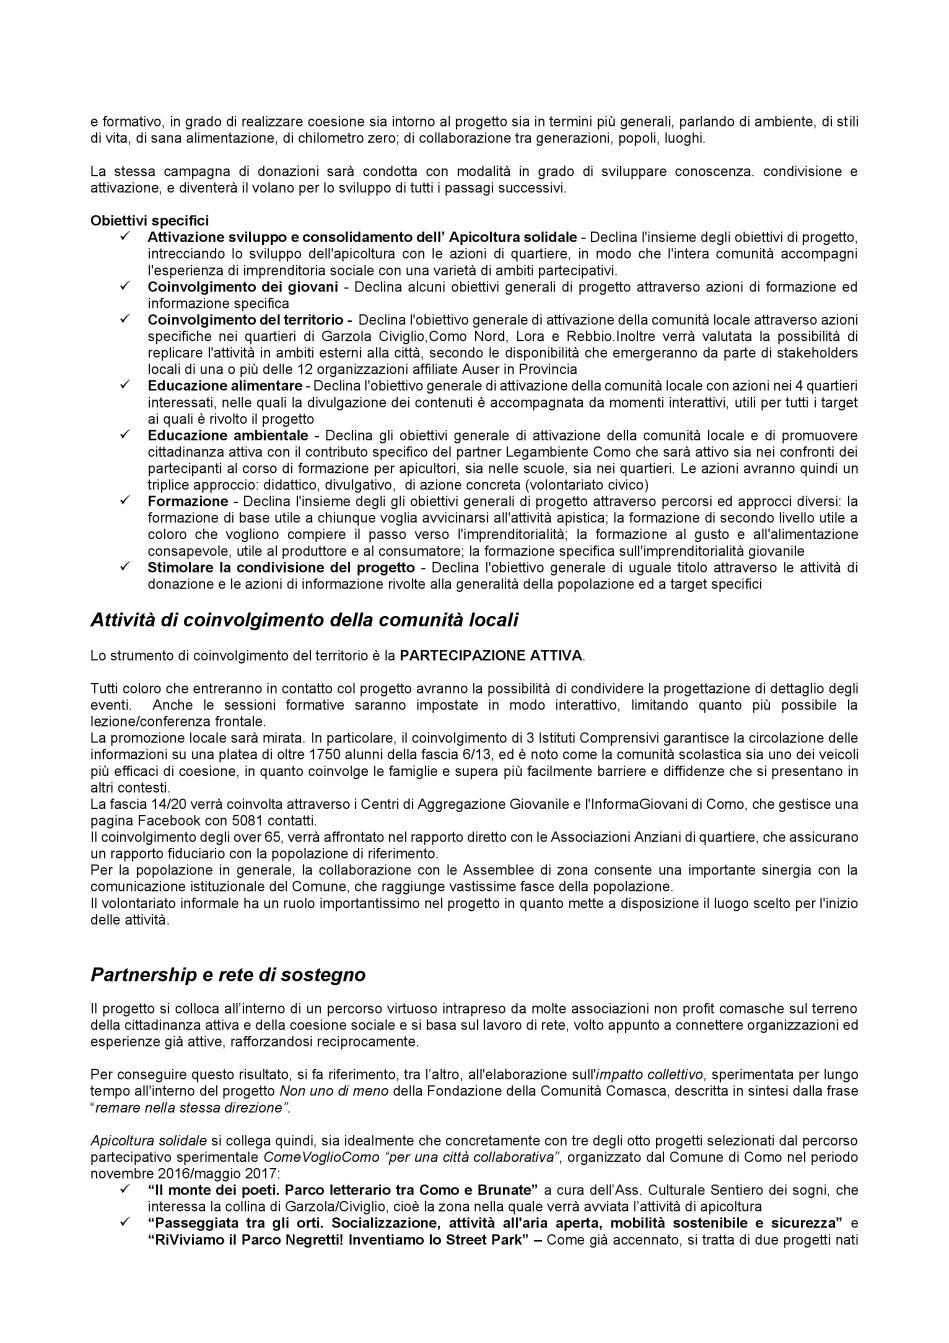 APICOLTURA SOLIDALE-4